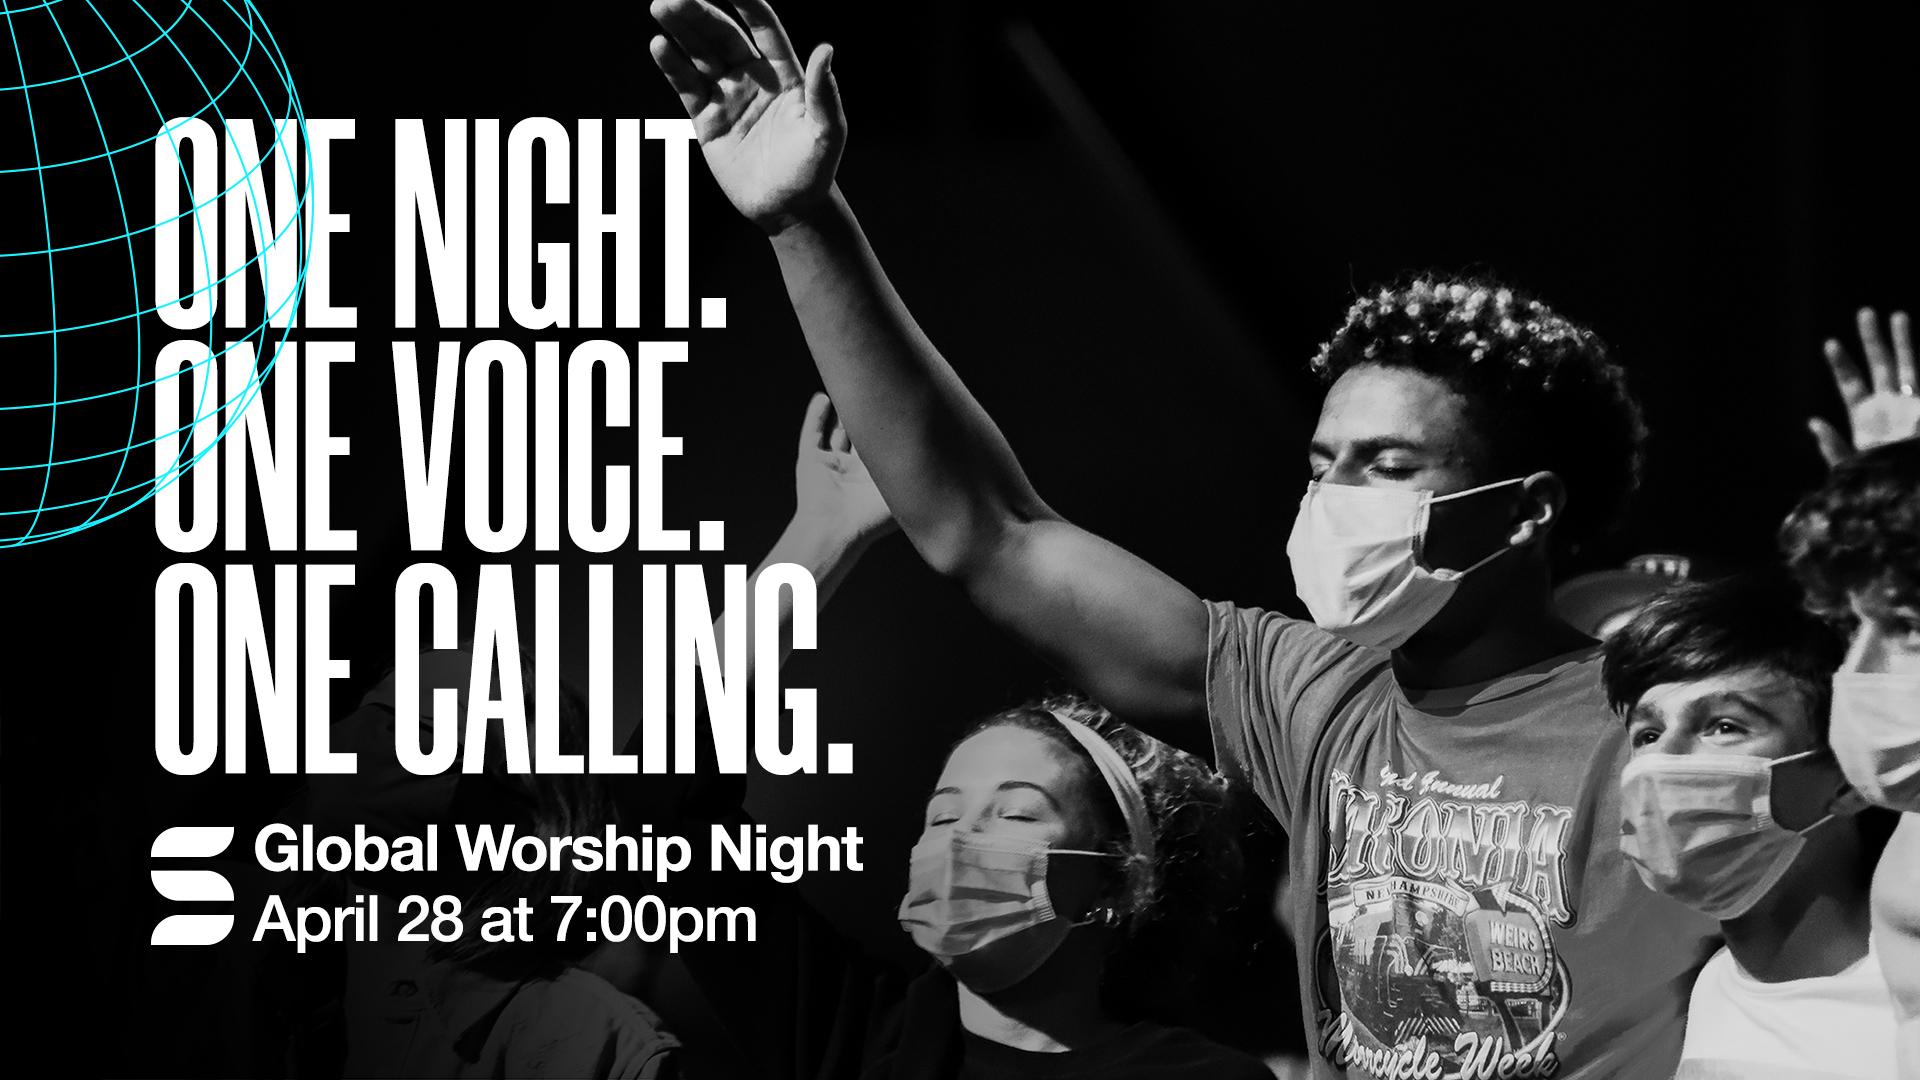 Worship Night Promo Slide (JPG)